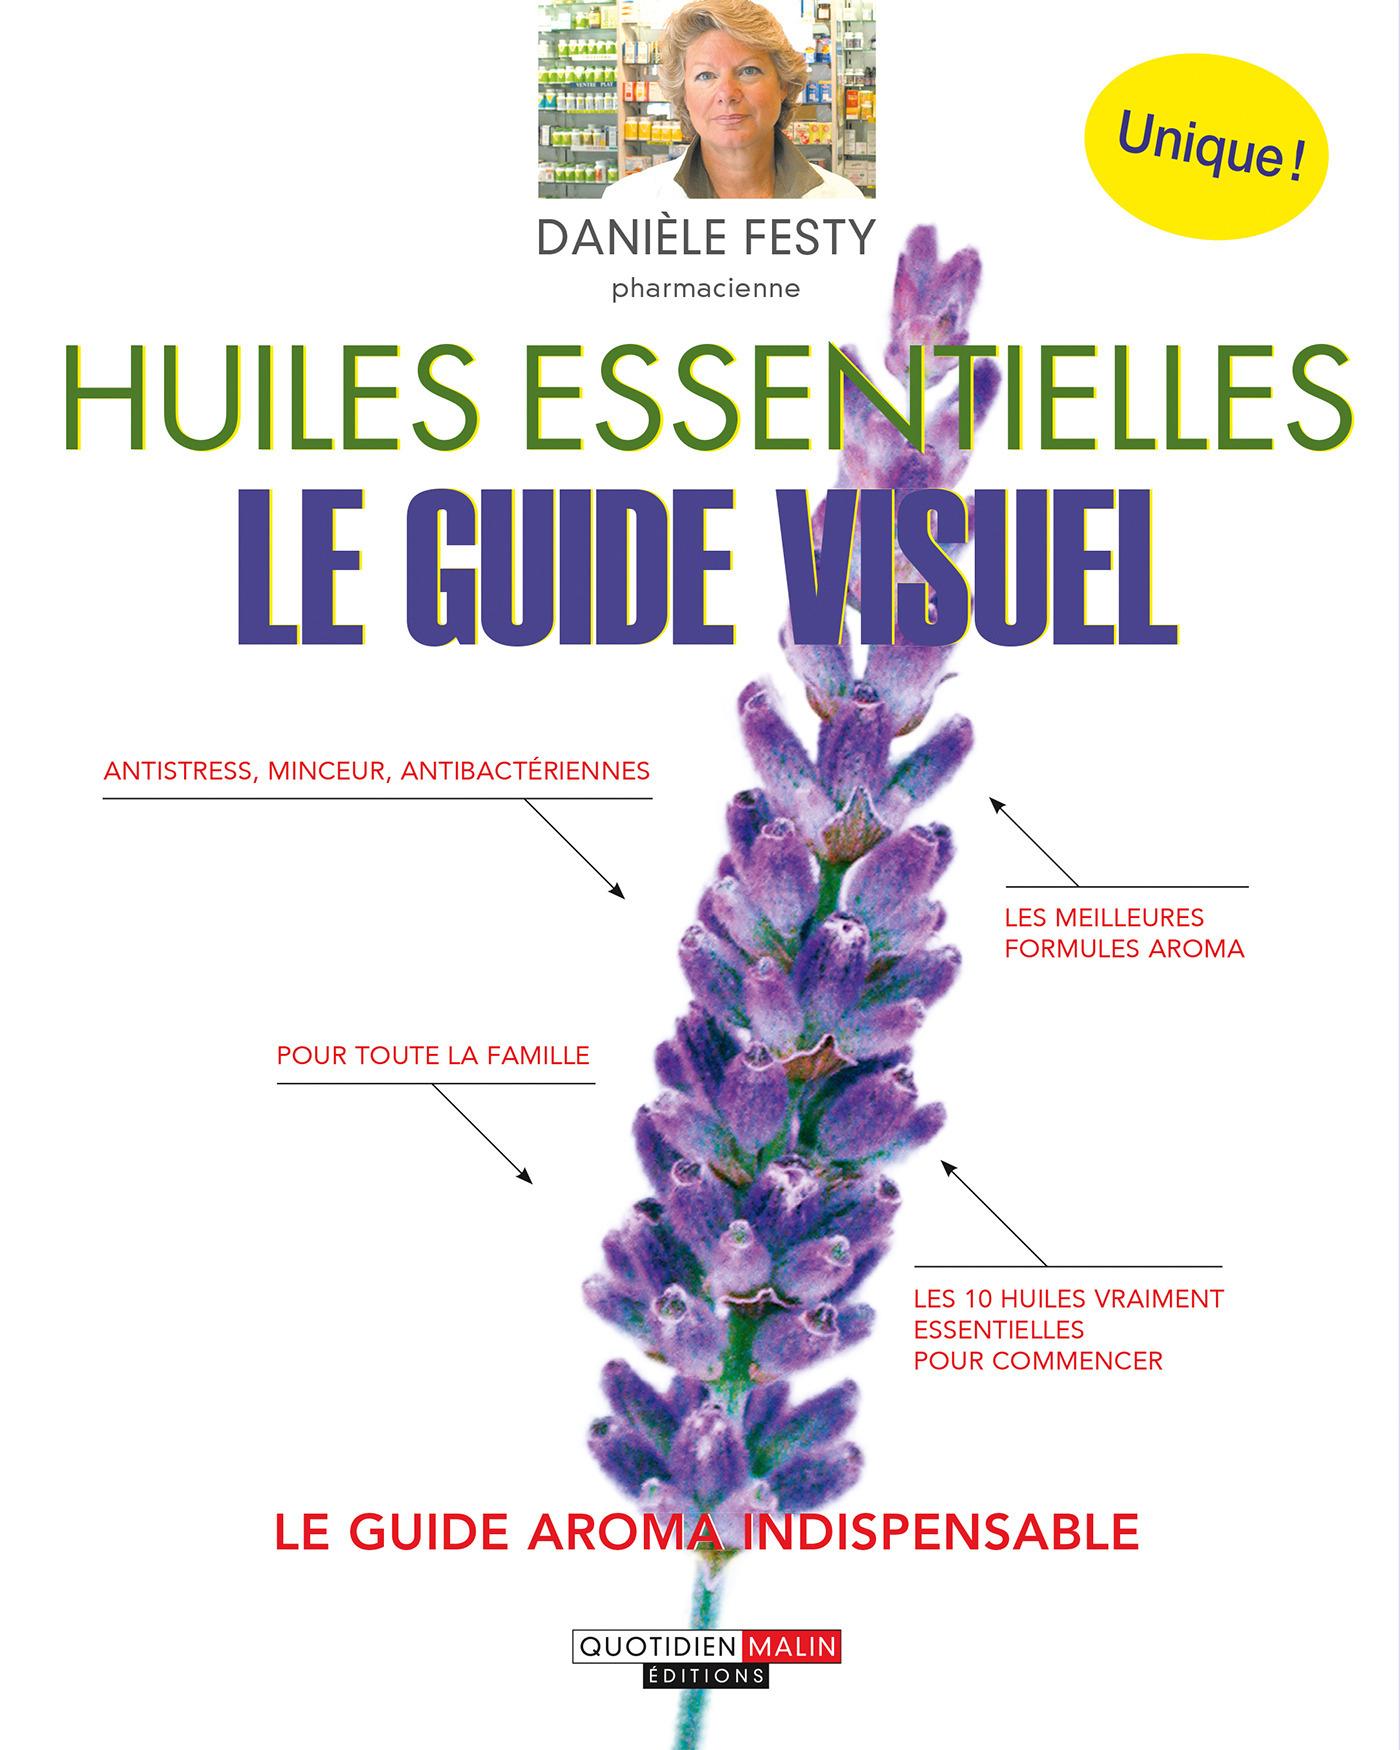 Huiles essentielles ; le guide visuel